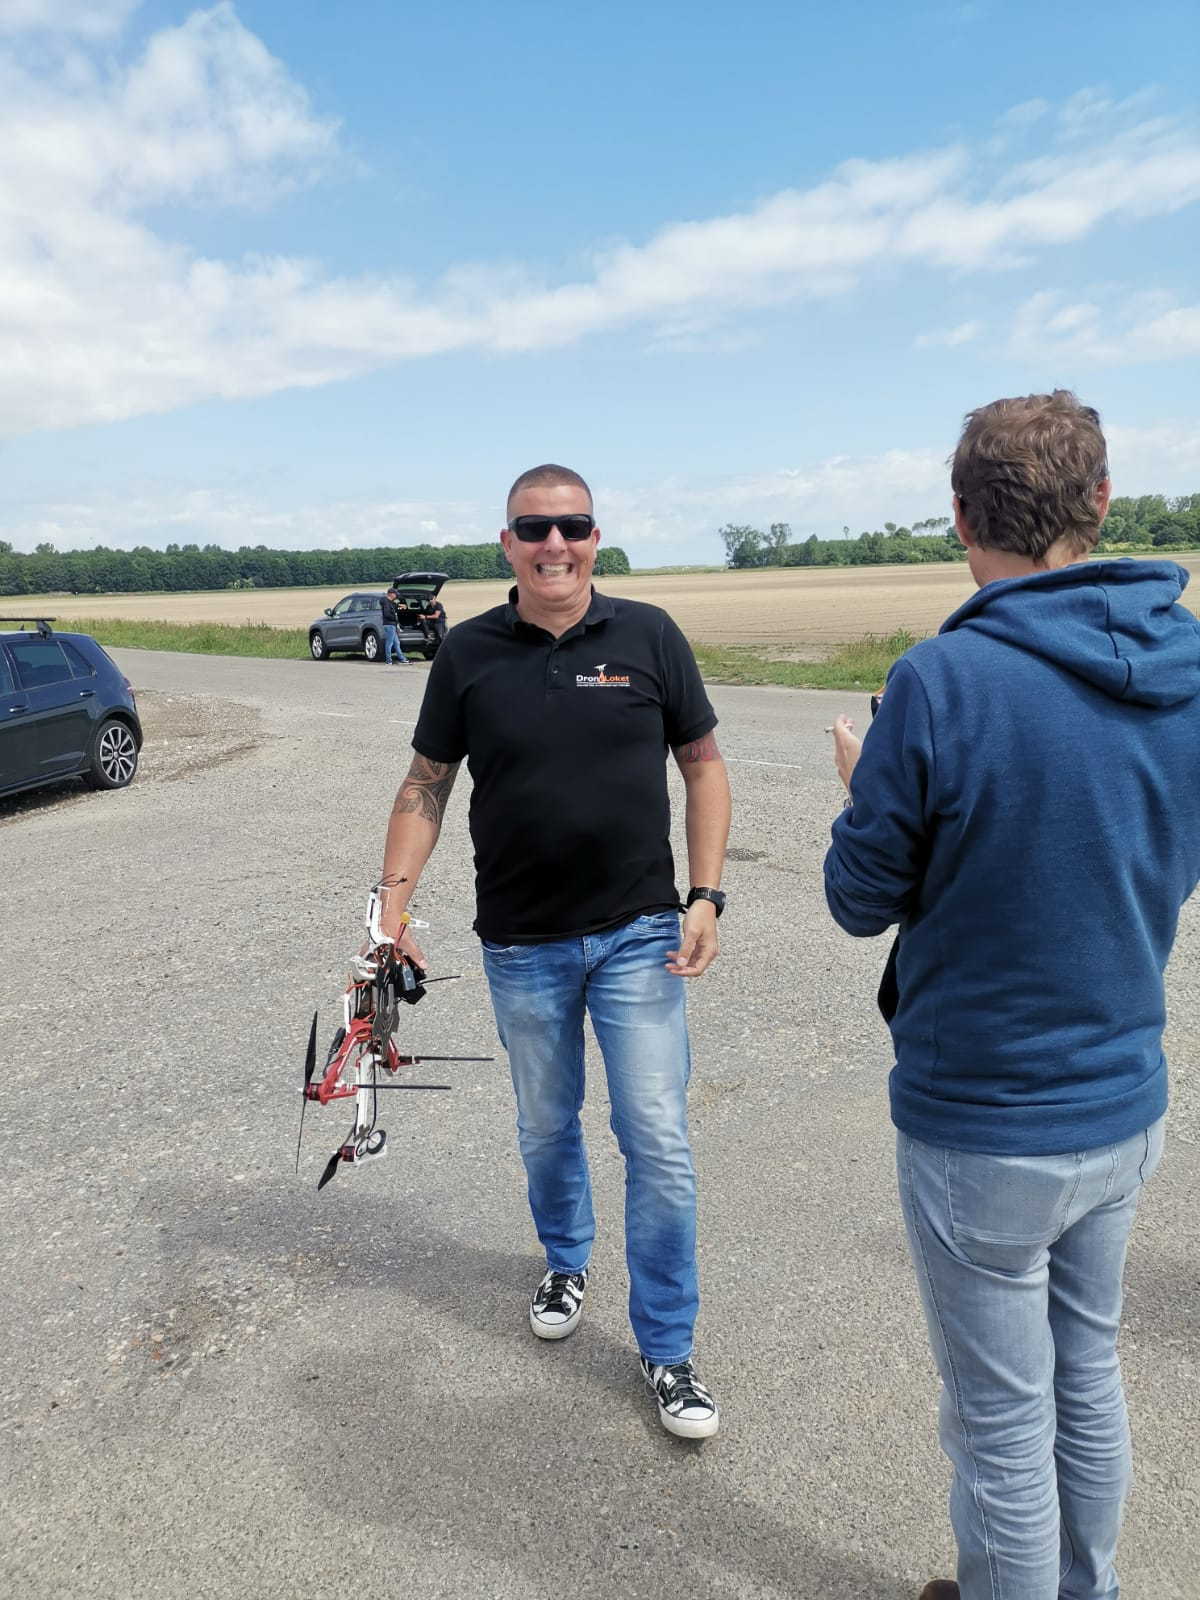 Ronnico werkt samen met Droneloket voor schouwen bebording